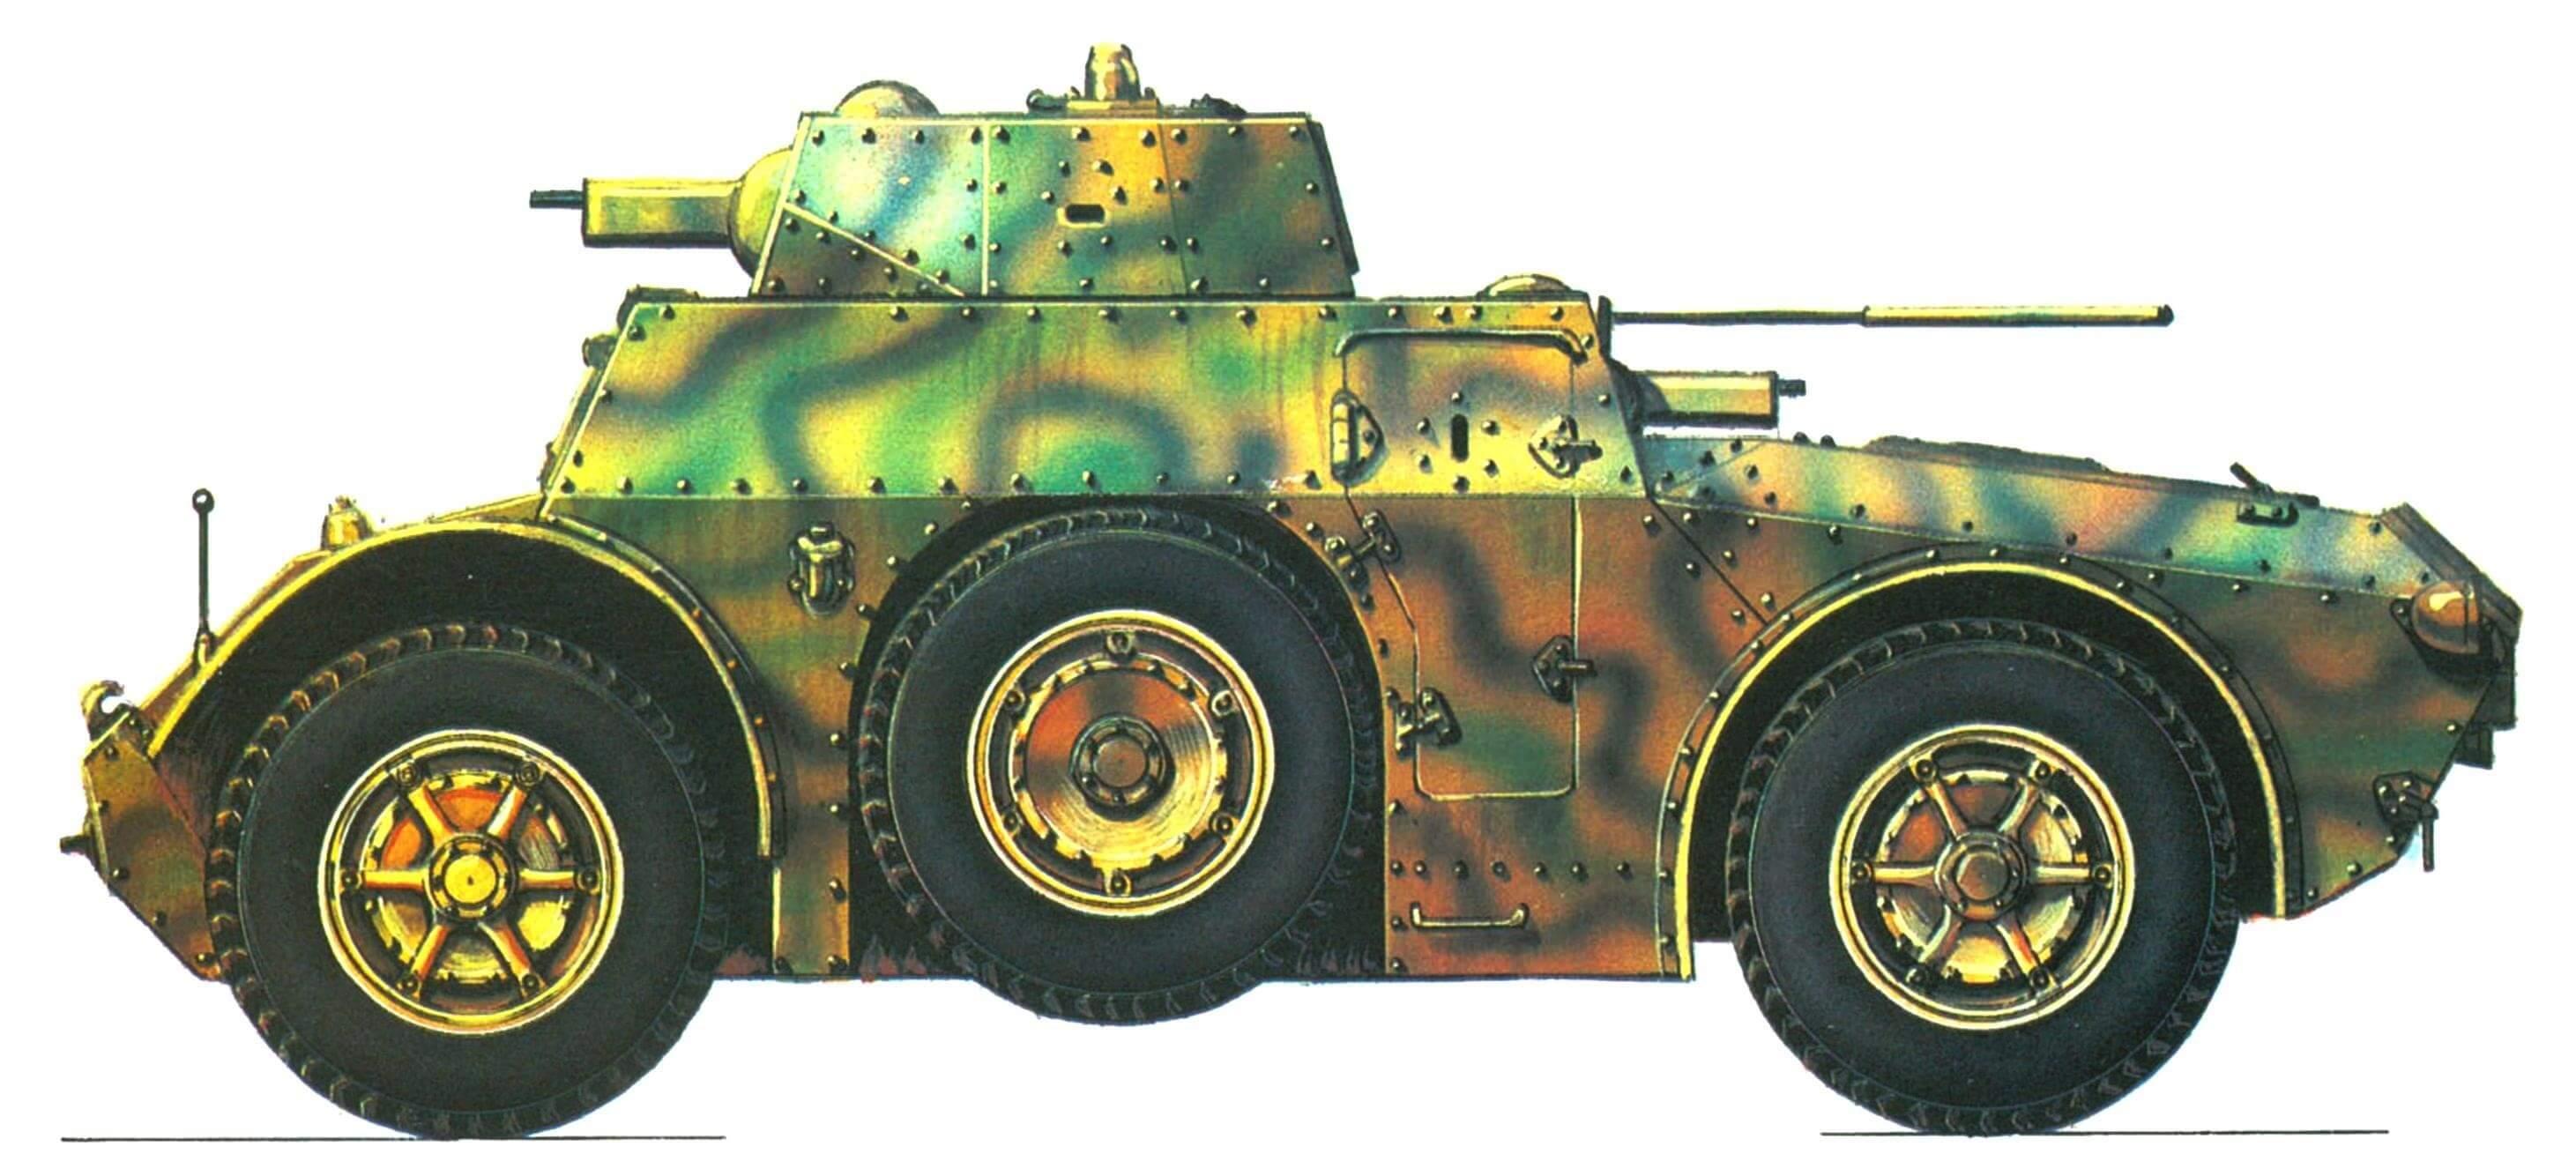 Бронеавтомобиль АВ 40 выпуска 1940 г.